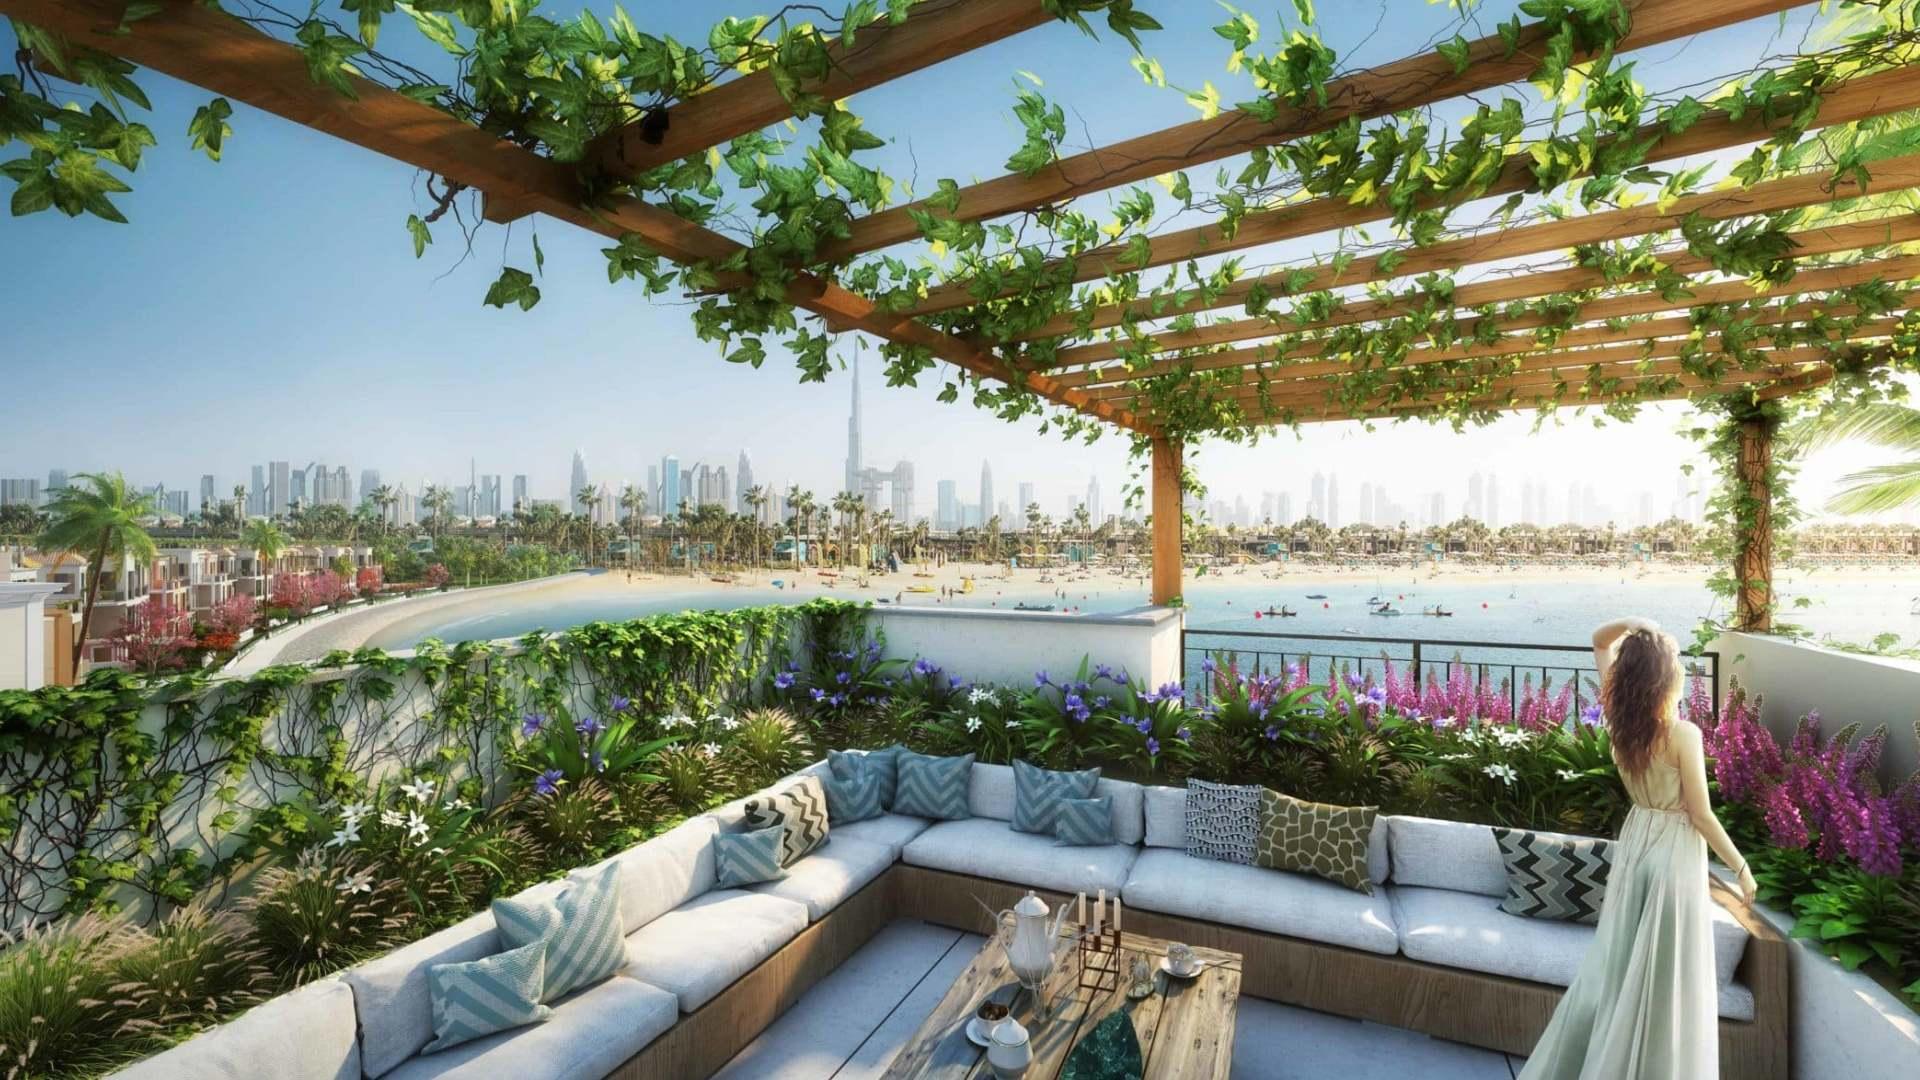 Adosado en venta en Dubai, EAU, 4 dormitorios, 445 m2, № 24331 – foto 4